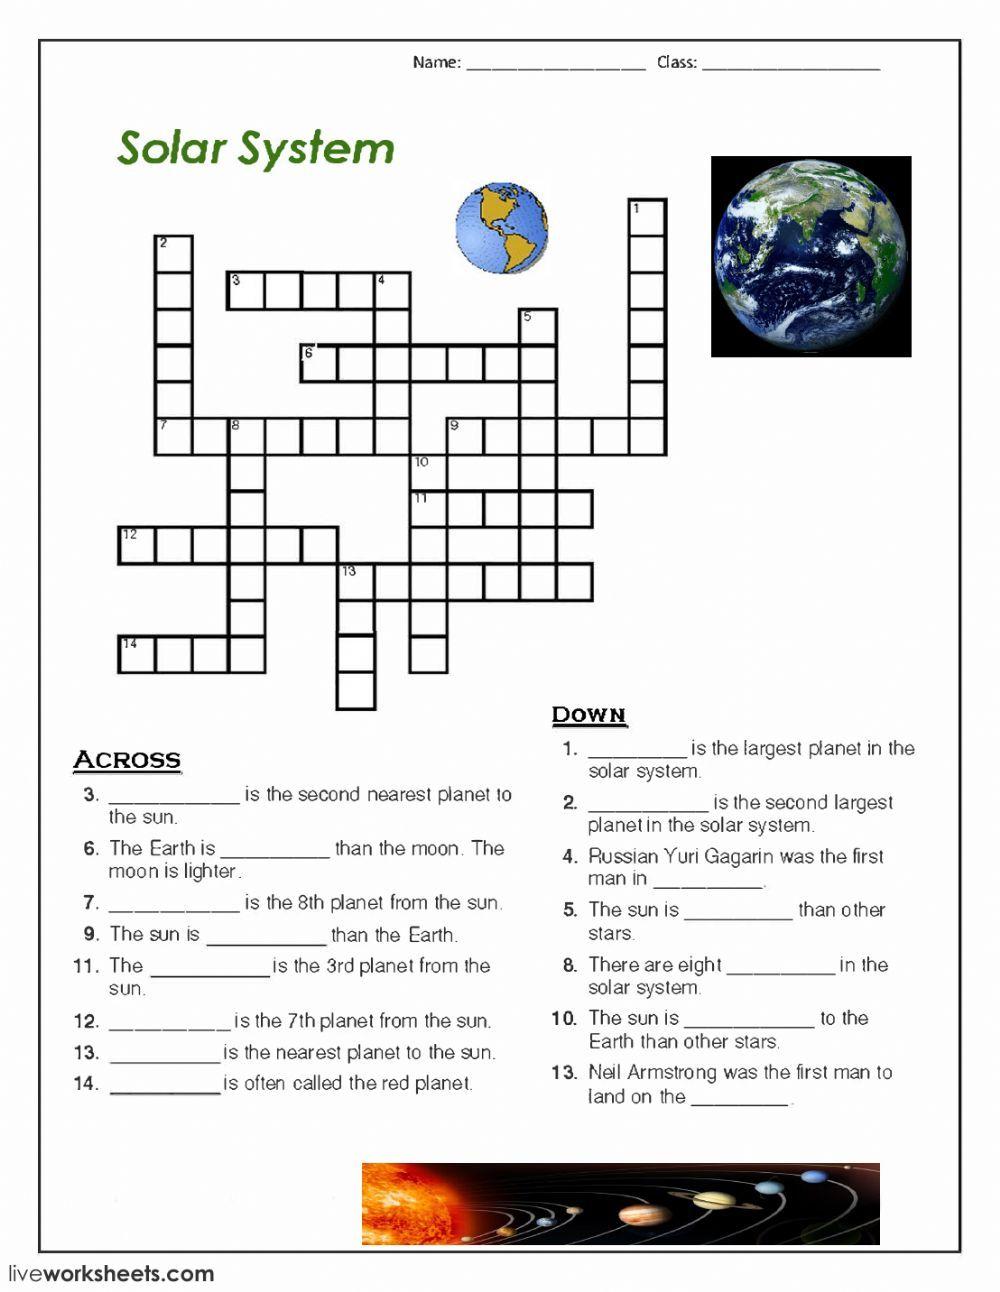 crossword Interactive worksheet in 2020 Solar